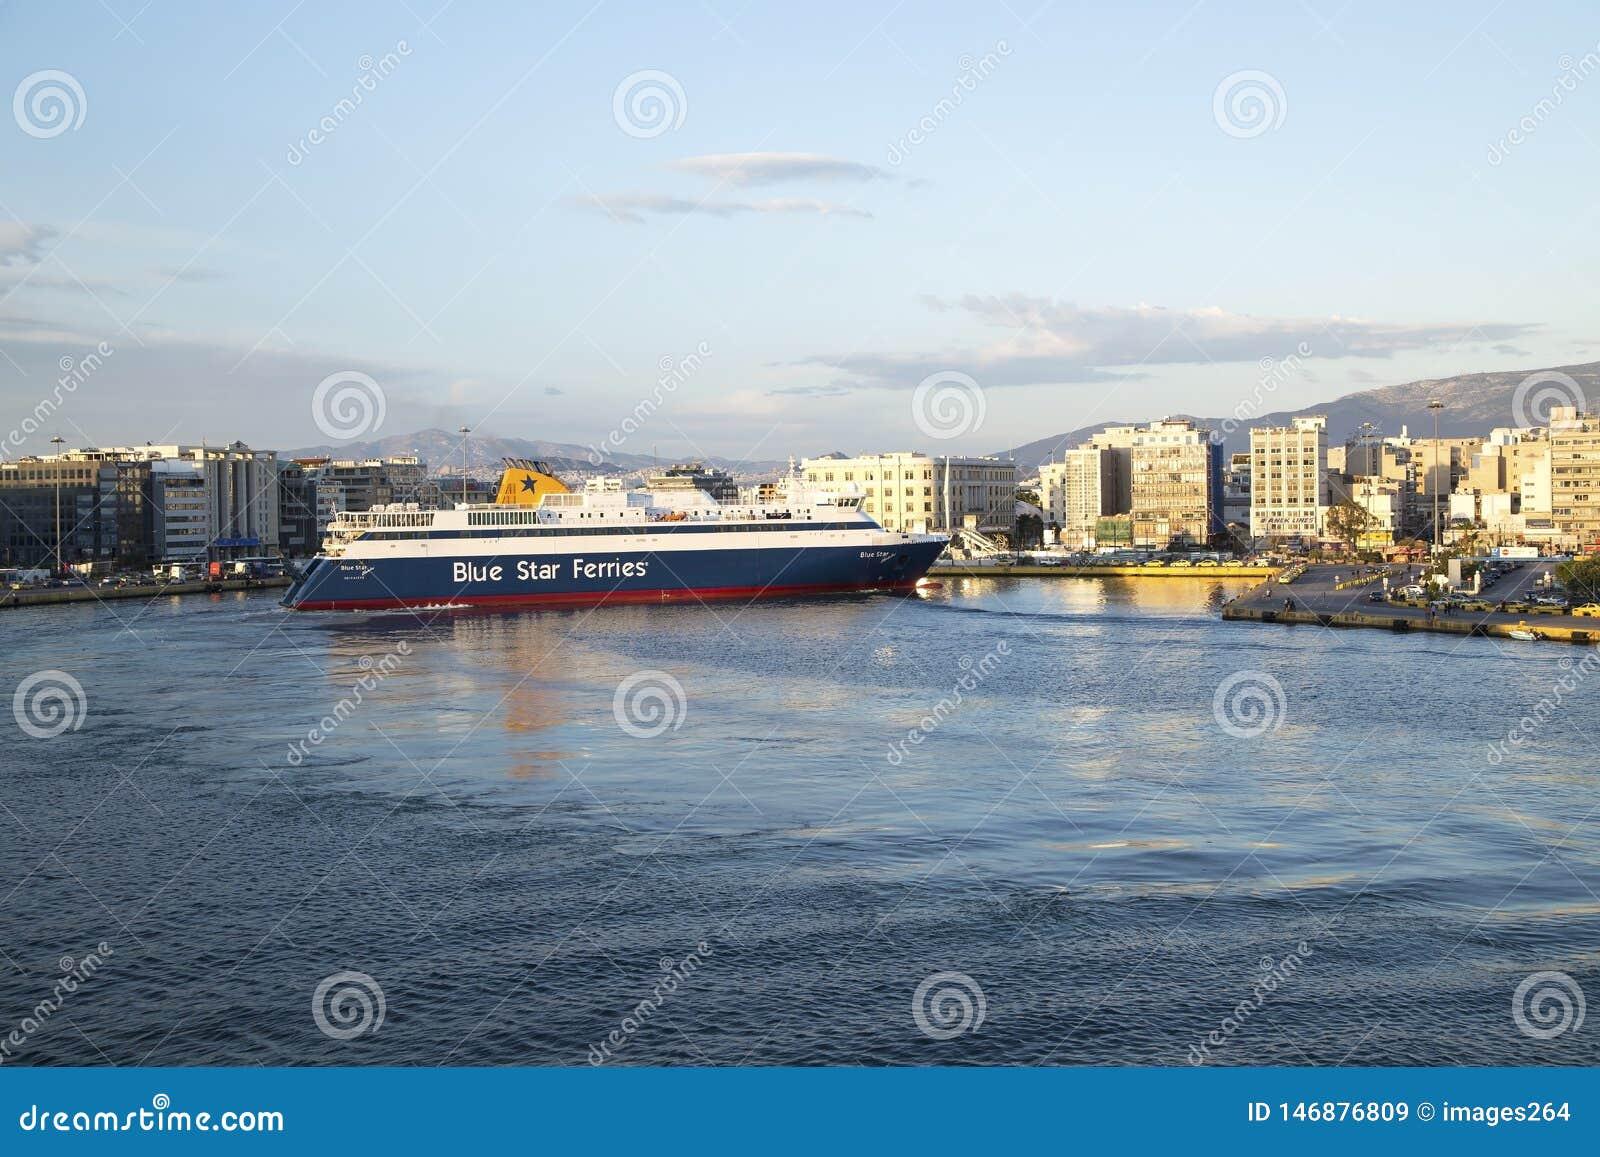 Le ferry arrive dans le port de Le Pir?e, Ath?nes, Gr?ce - mai 2014